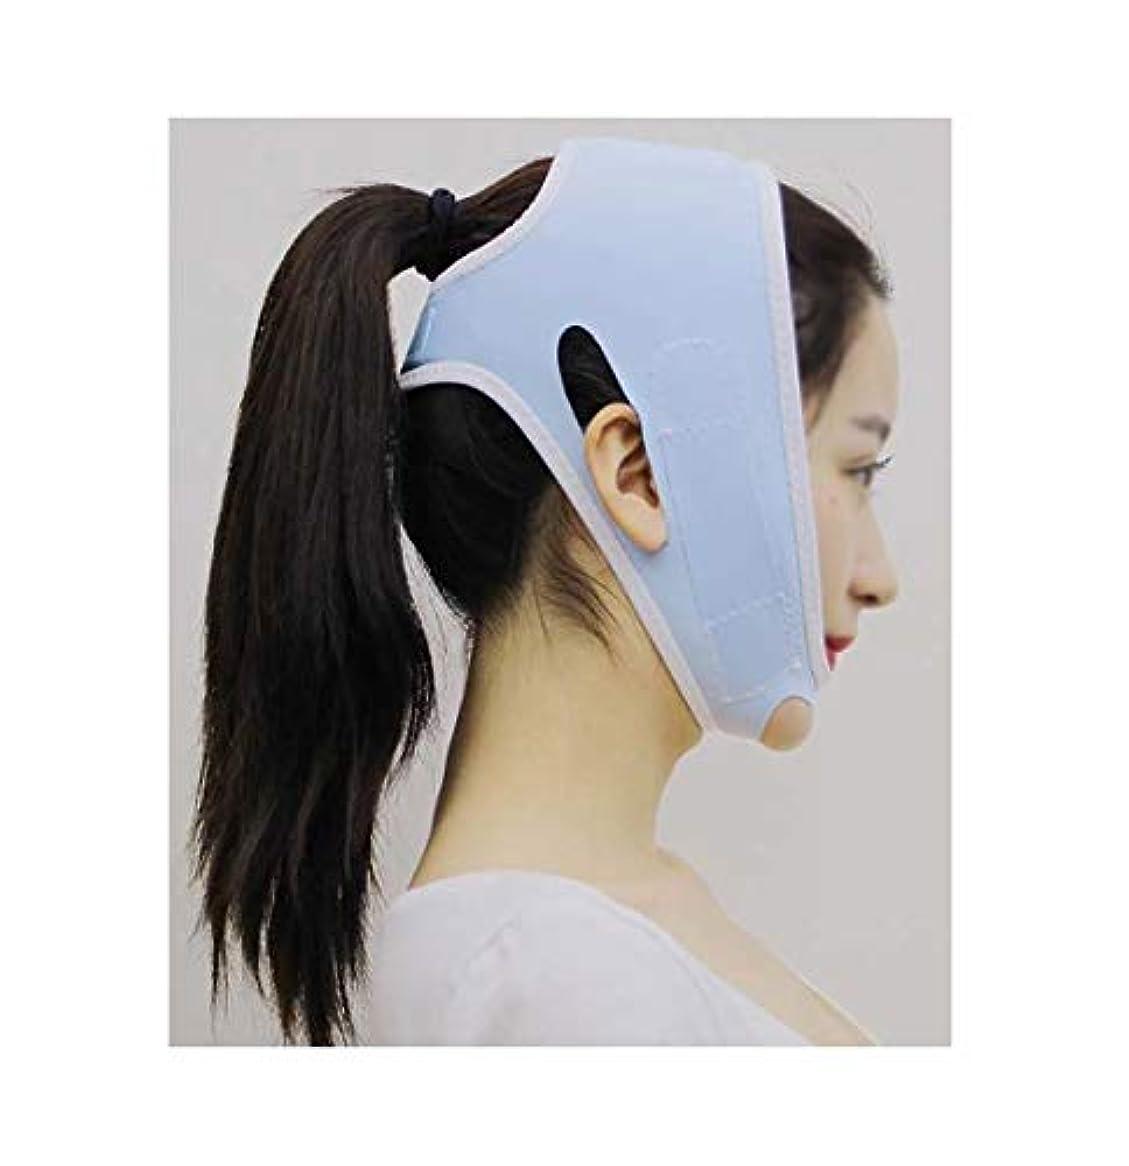 備品卵国籍TLMY 包帯ヘッドギアマスクの顔Vの顔の薄い顔のアーティファクトプラスチック美容ゴムバンドフェイスリフトネックリフト後薄い顔マスクあごベルトの回復 顔用整形マスク (Color : Blue)